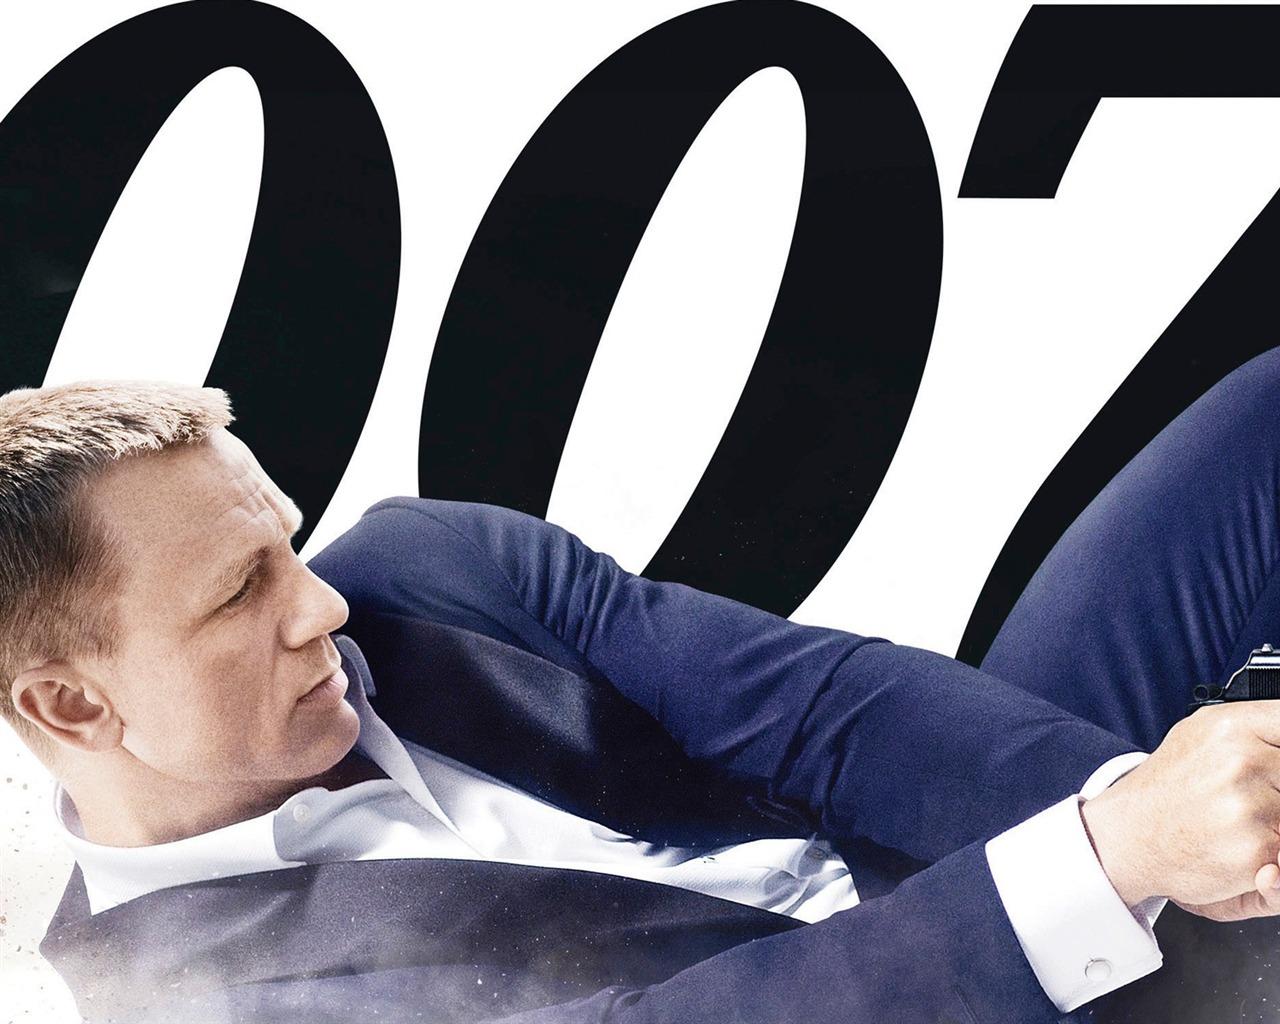 007 онлайн смотреть 2012: